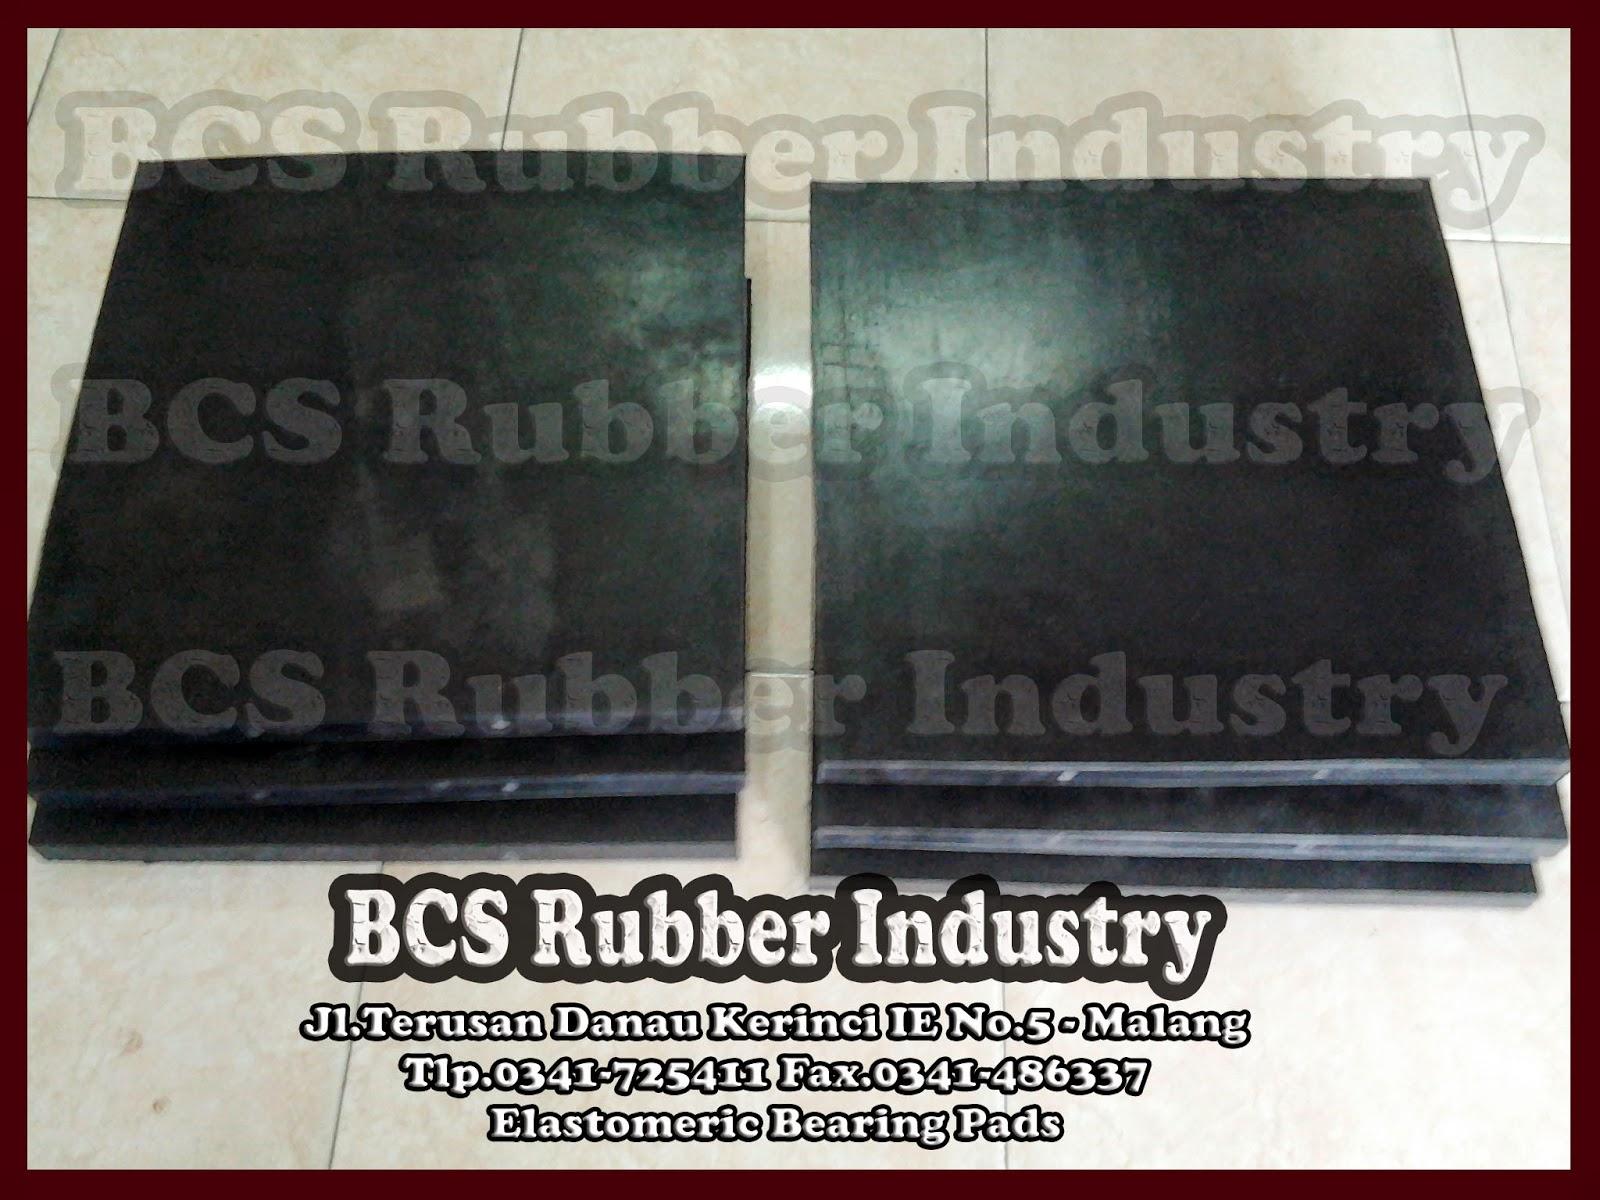 Elastomer Bearing Pad / Bantalan Jembatan ,Polos, Steel Plate, Seismic Rubber Bearing Pads.Elastomer Bearing pads,Polos